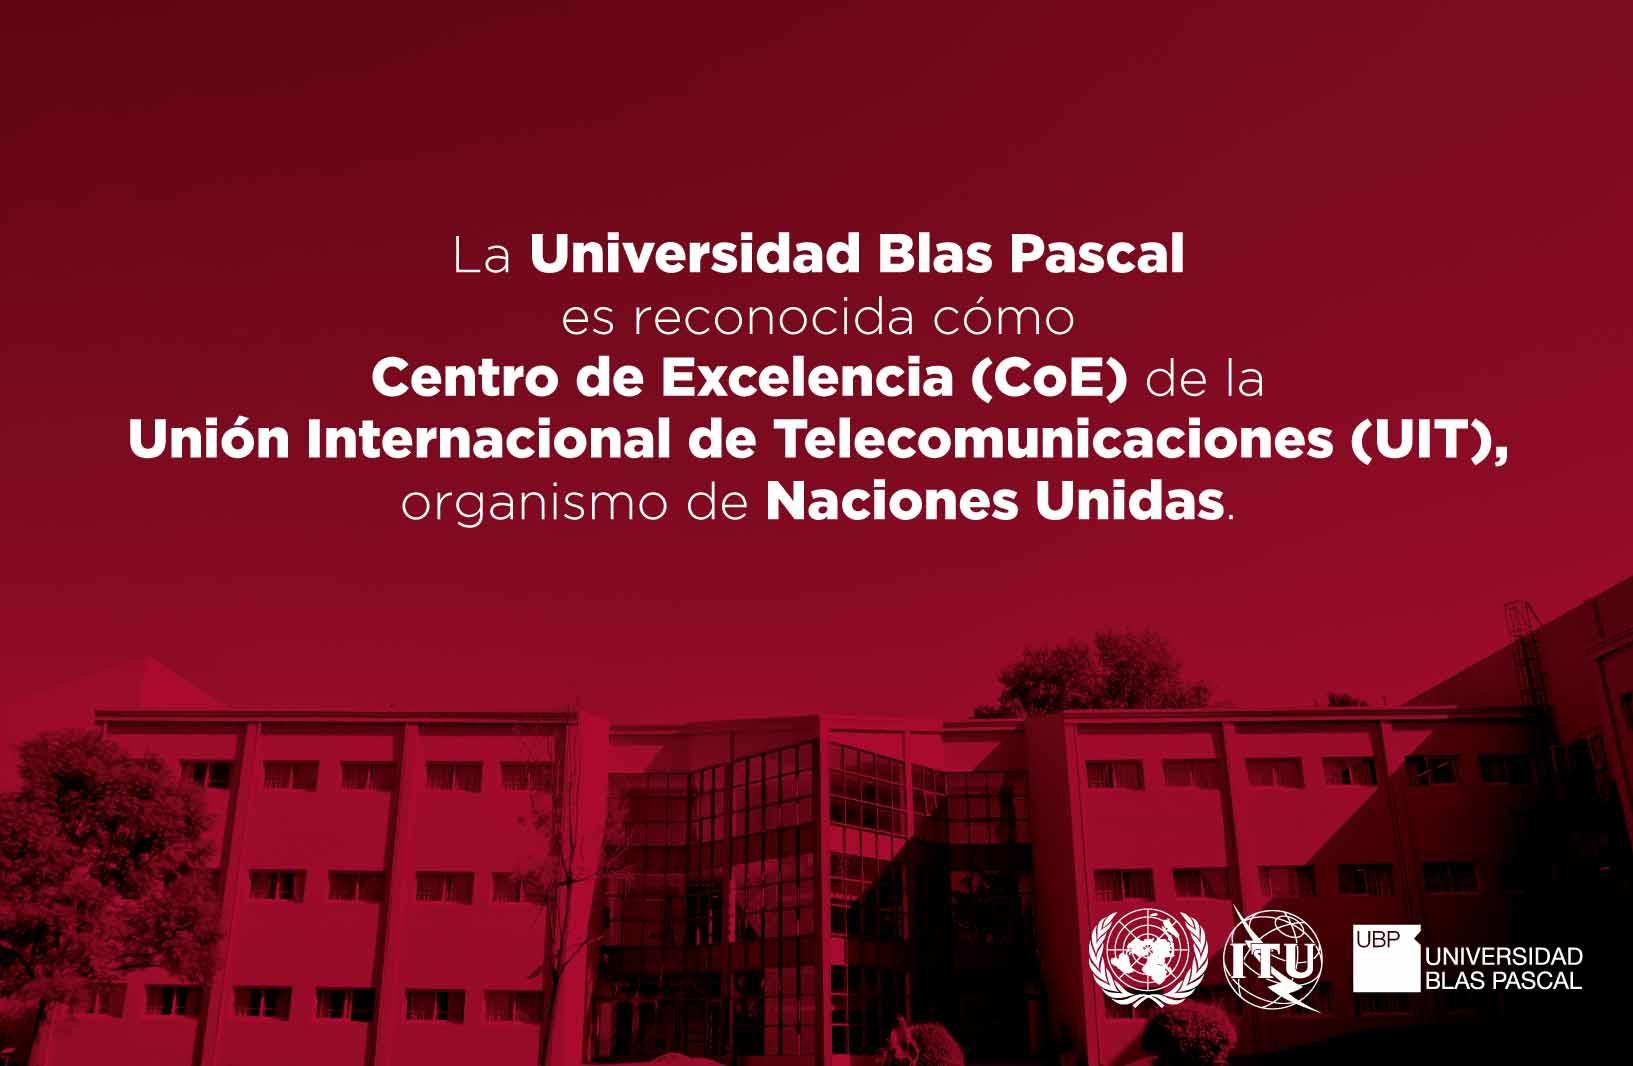 La UBP brindará capacitaciones como Centro de Excelencia de la UIT